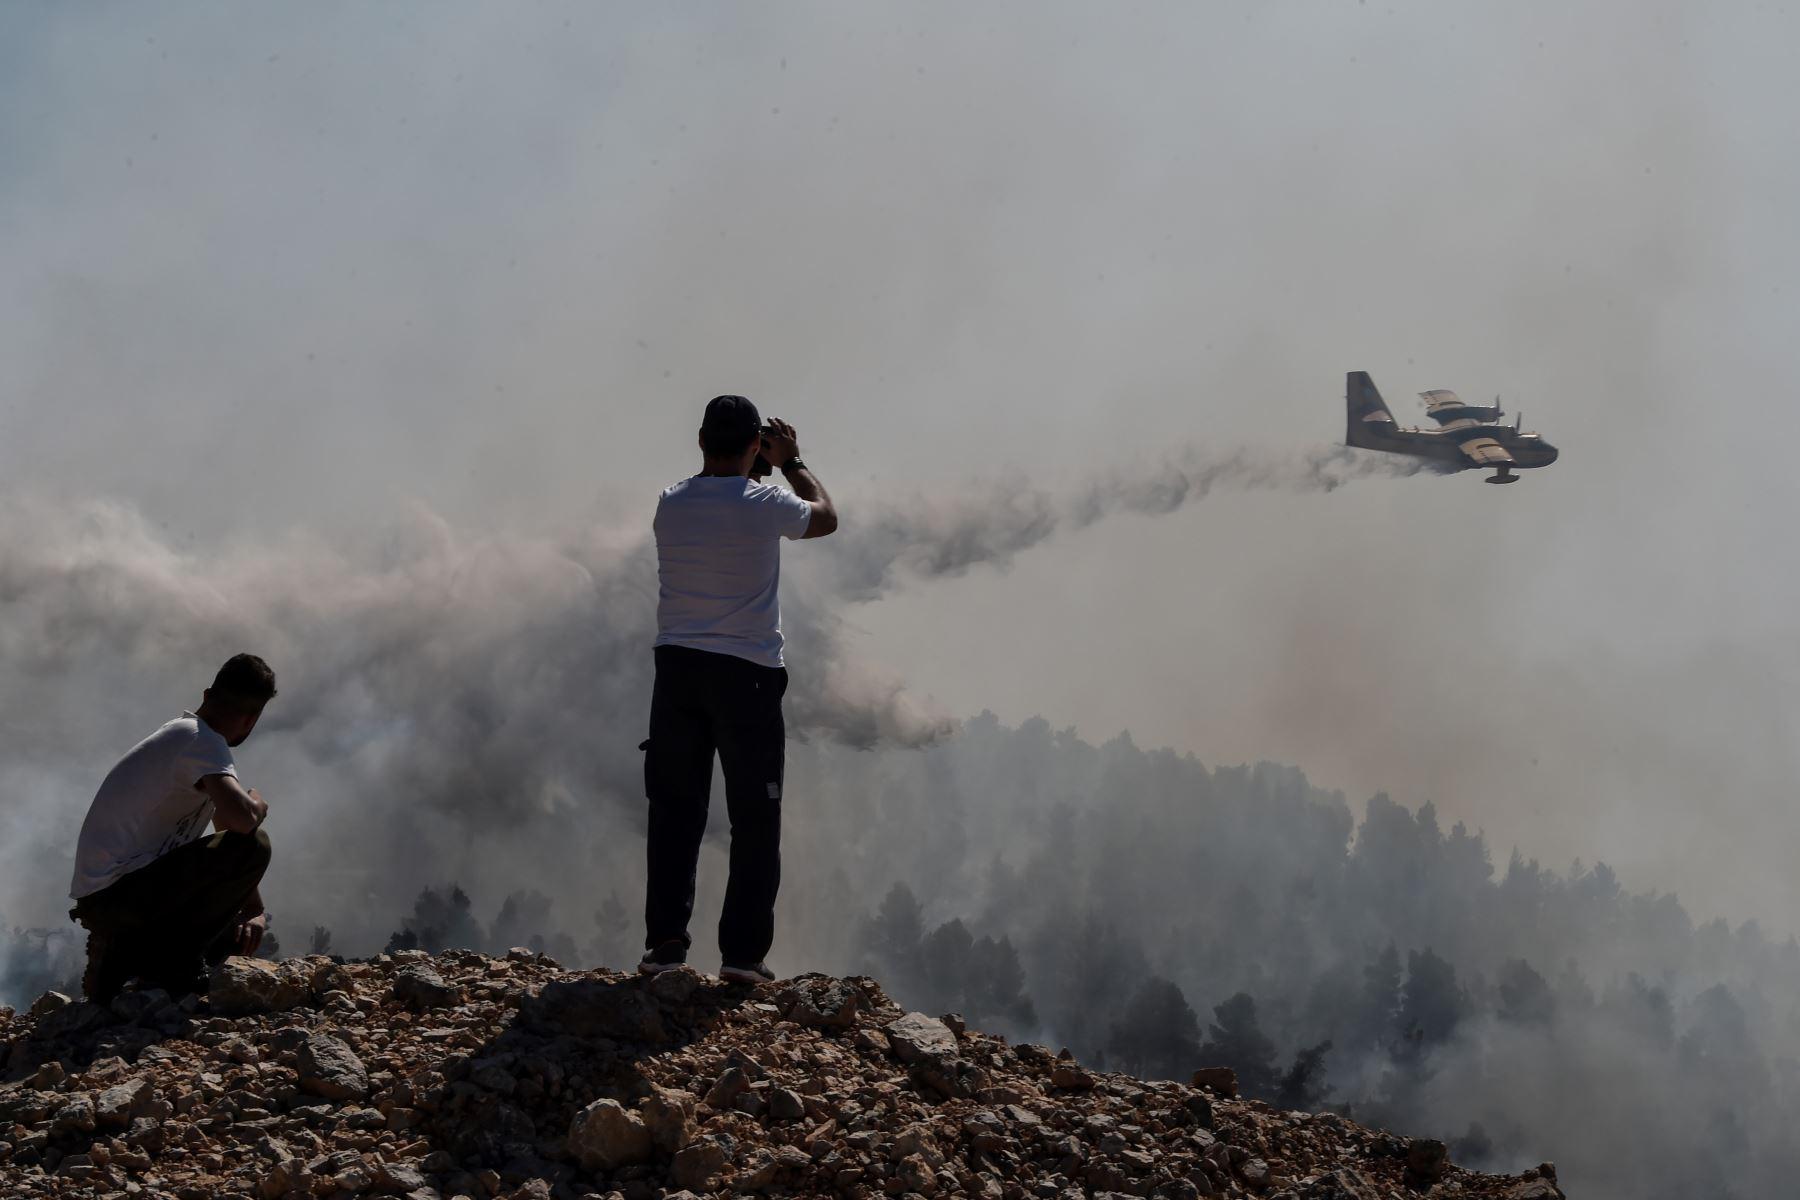 Un avión arroja agua sobre un incendio forestal cerca del pueblo de Stavros, en la isla griega de Evia: Foto: AFP